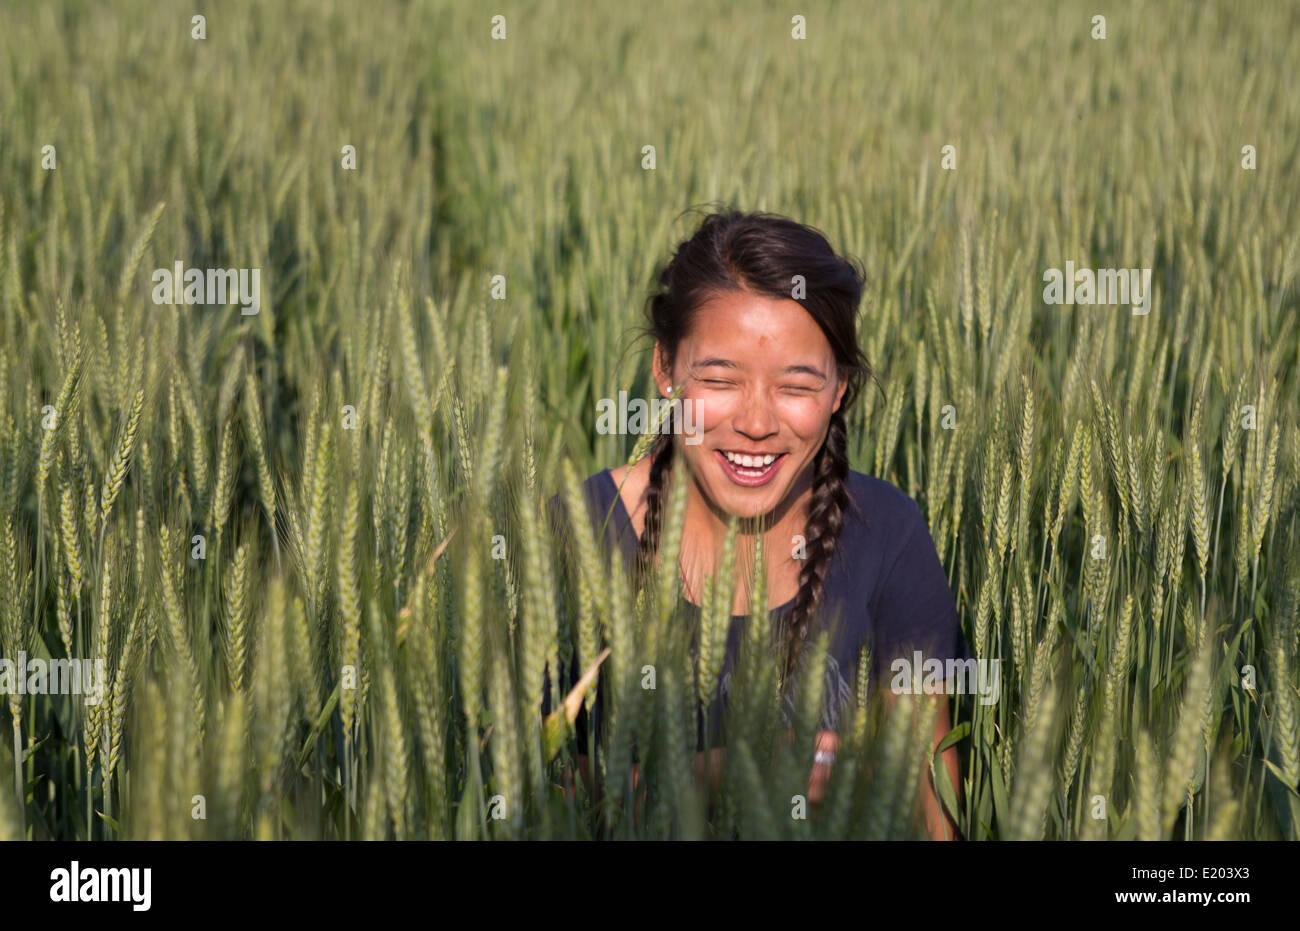 Kathmandu Nepal Nepali child posing in wheat field in Eastern Kathmandu 1 - Stock Image